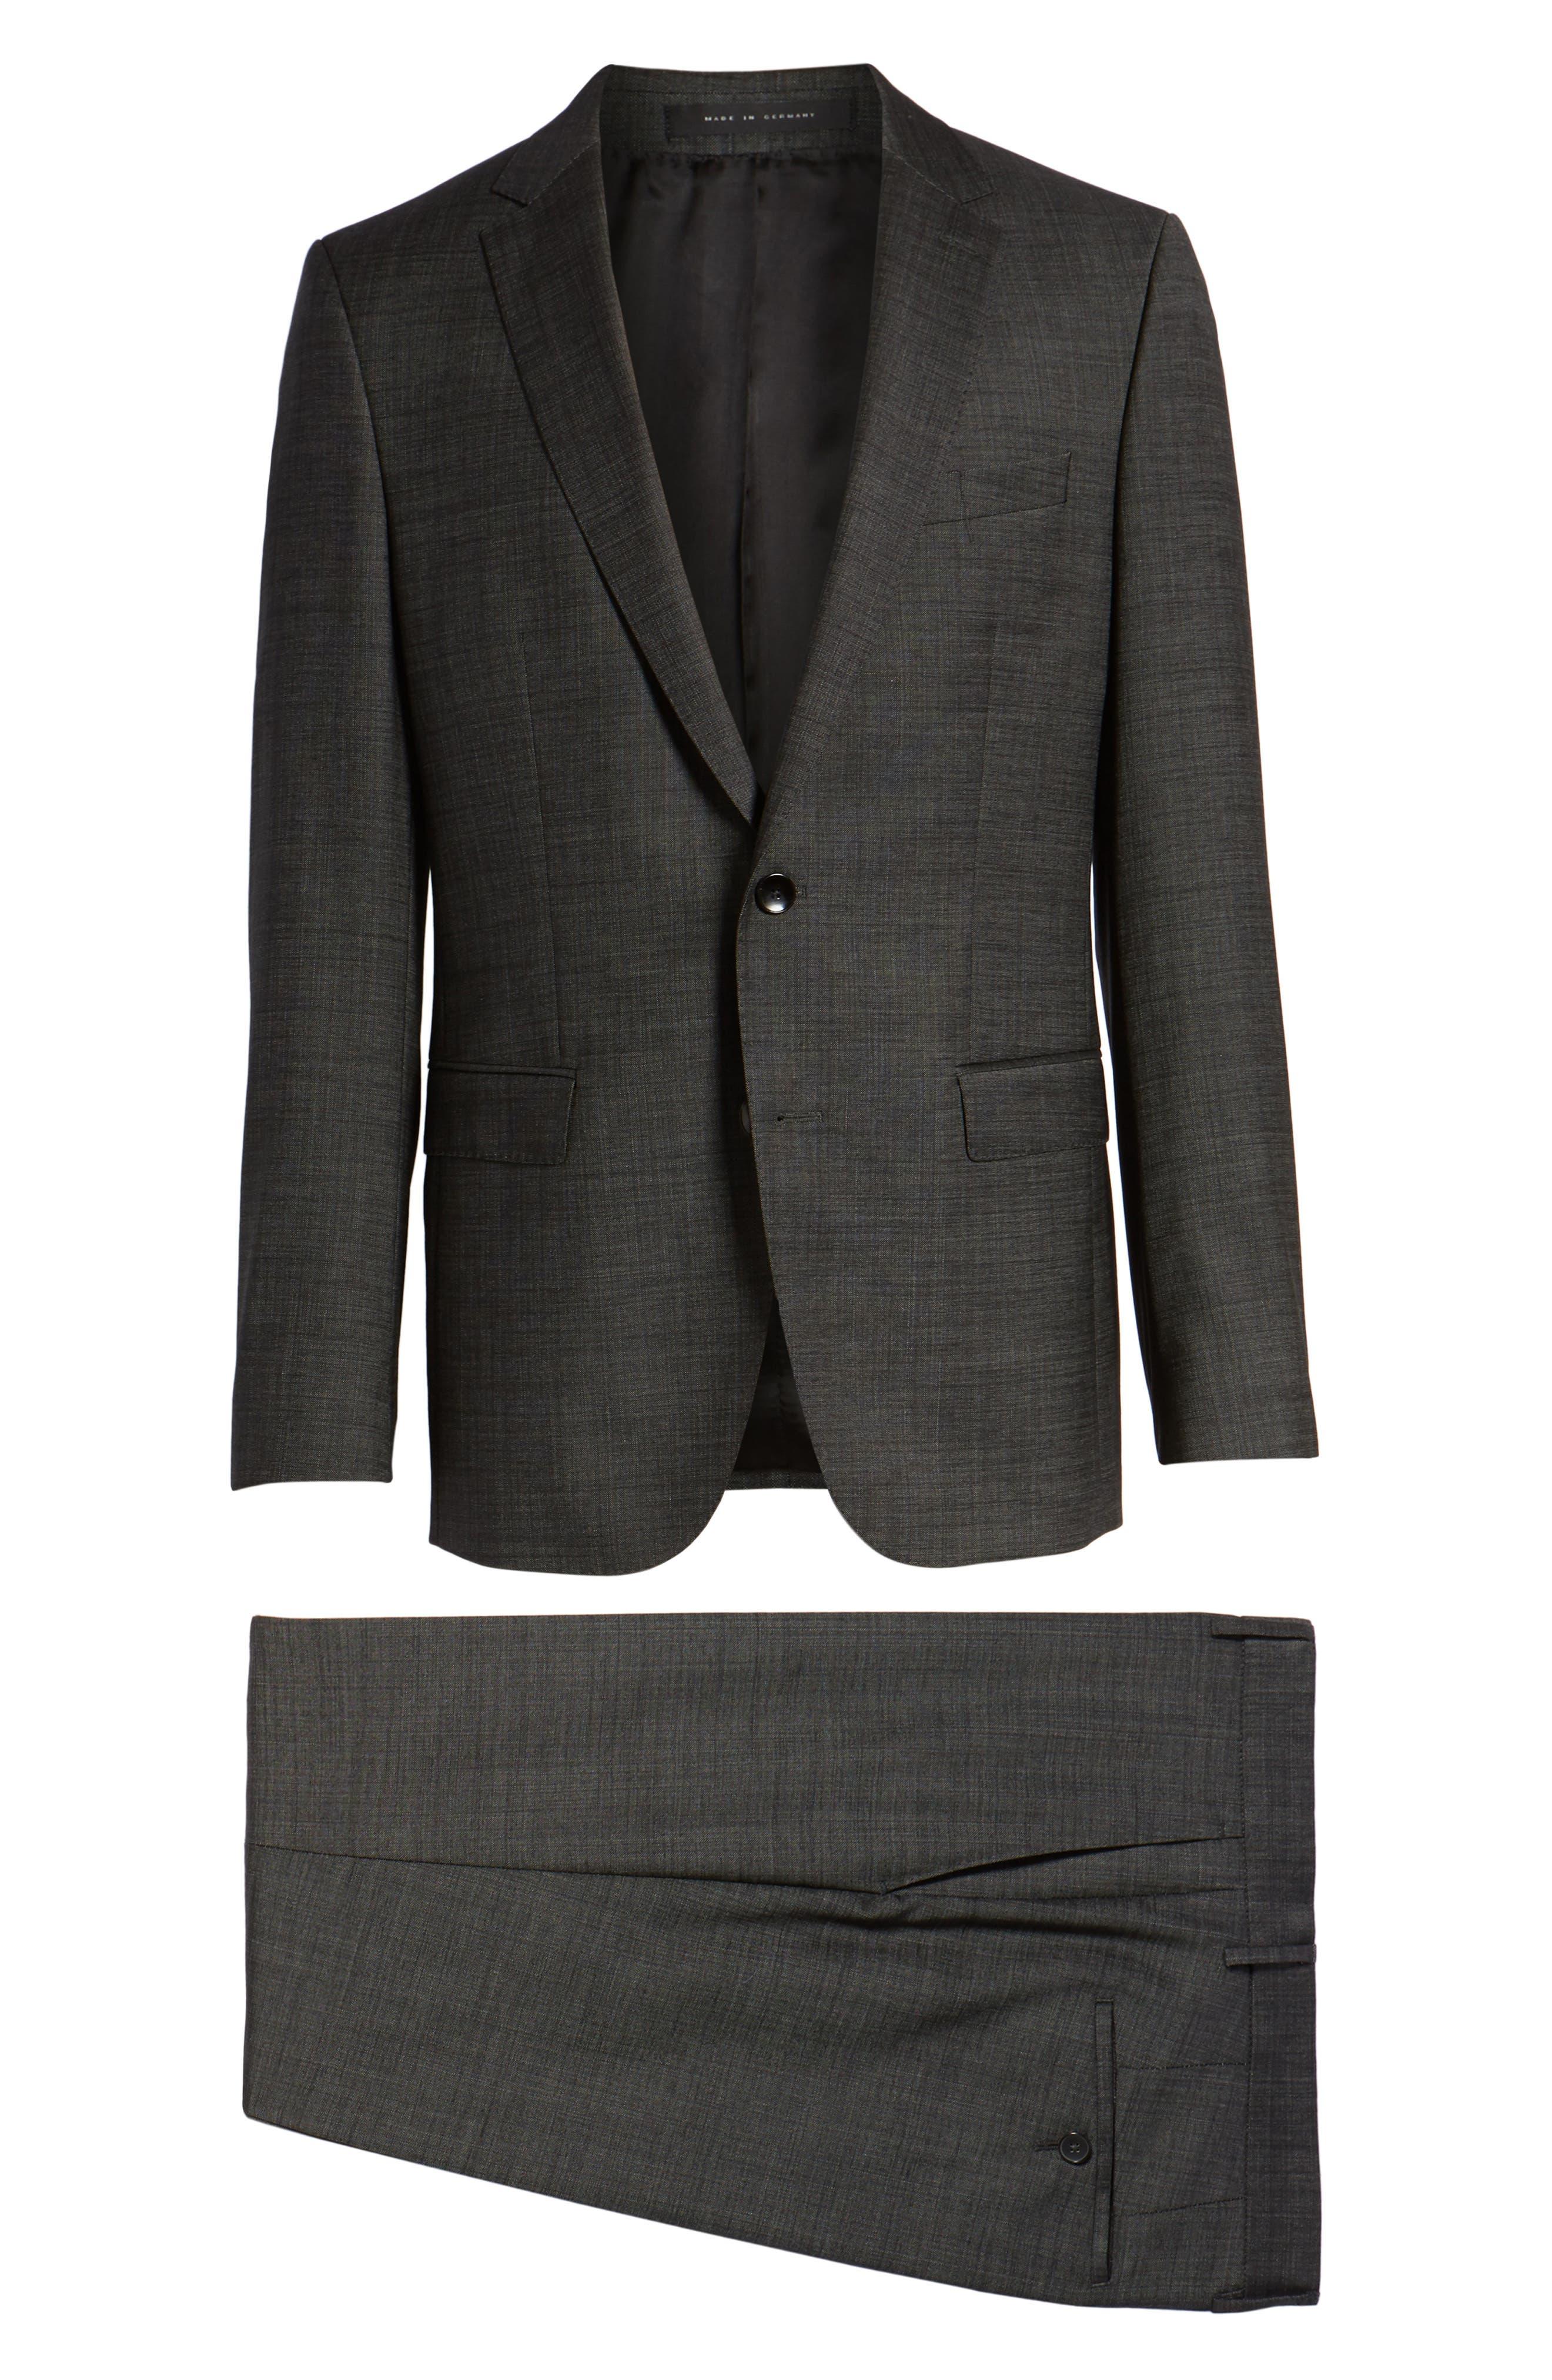 Novan/Ben Trim Fit Solid Wool Suit,                             Alternate thumbnail 8, color,                             001